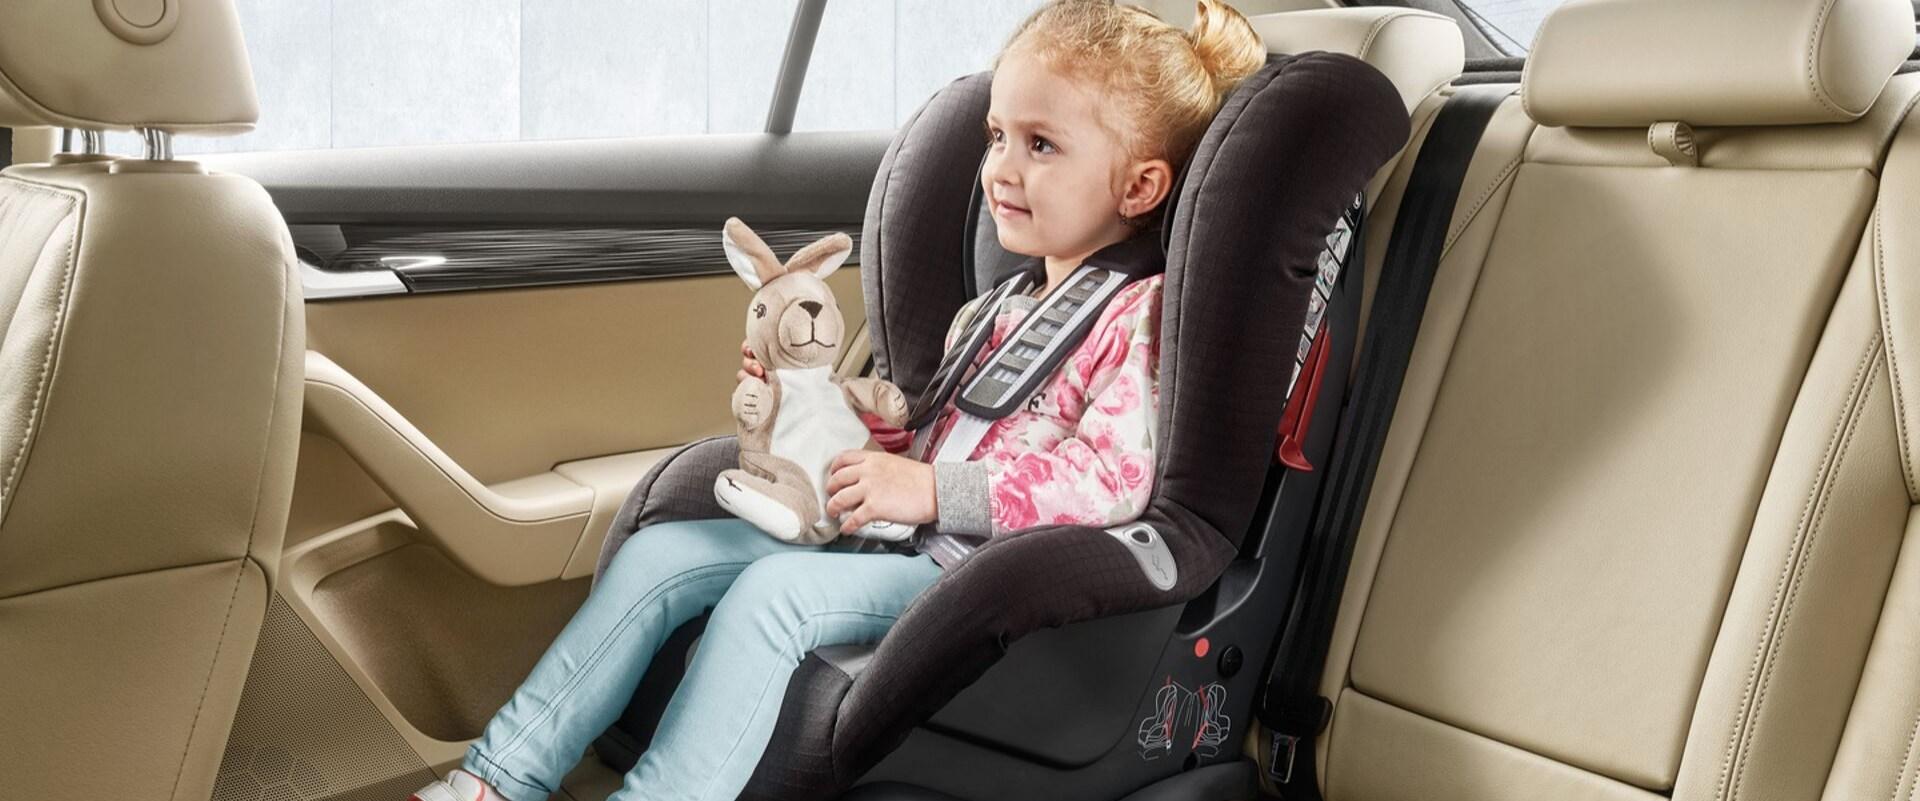 Bezpečná přeprava dětí: vše o sezení, poutání a jízdě v autě